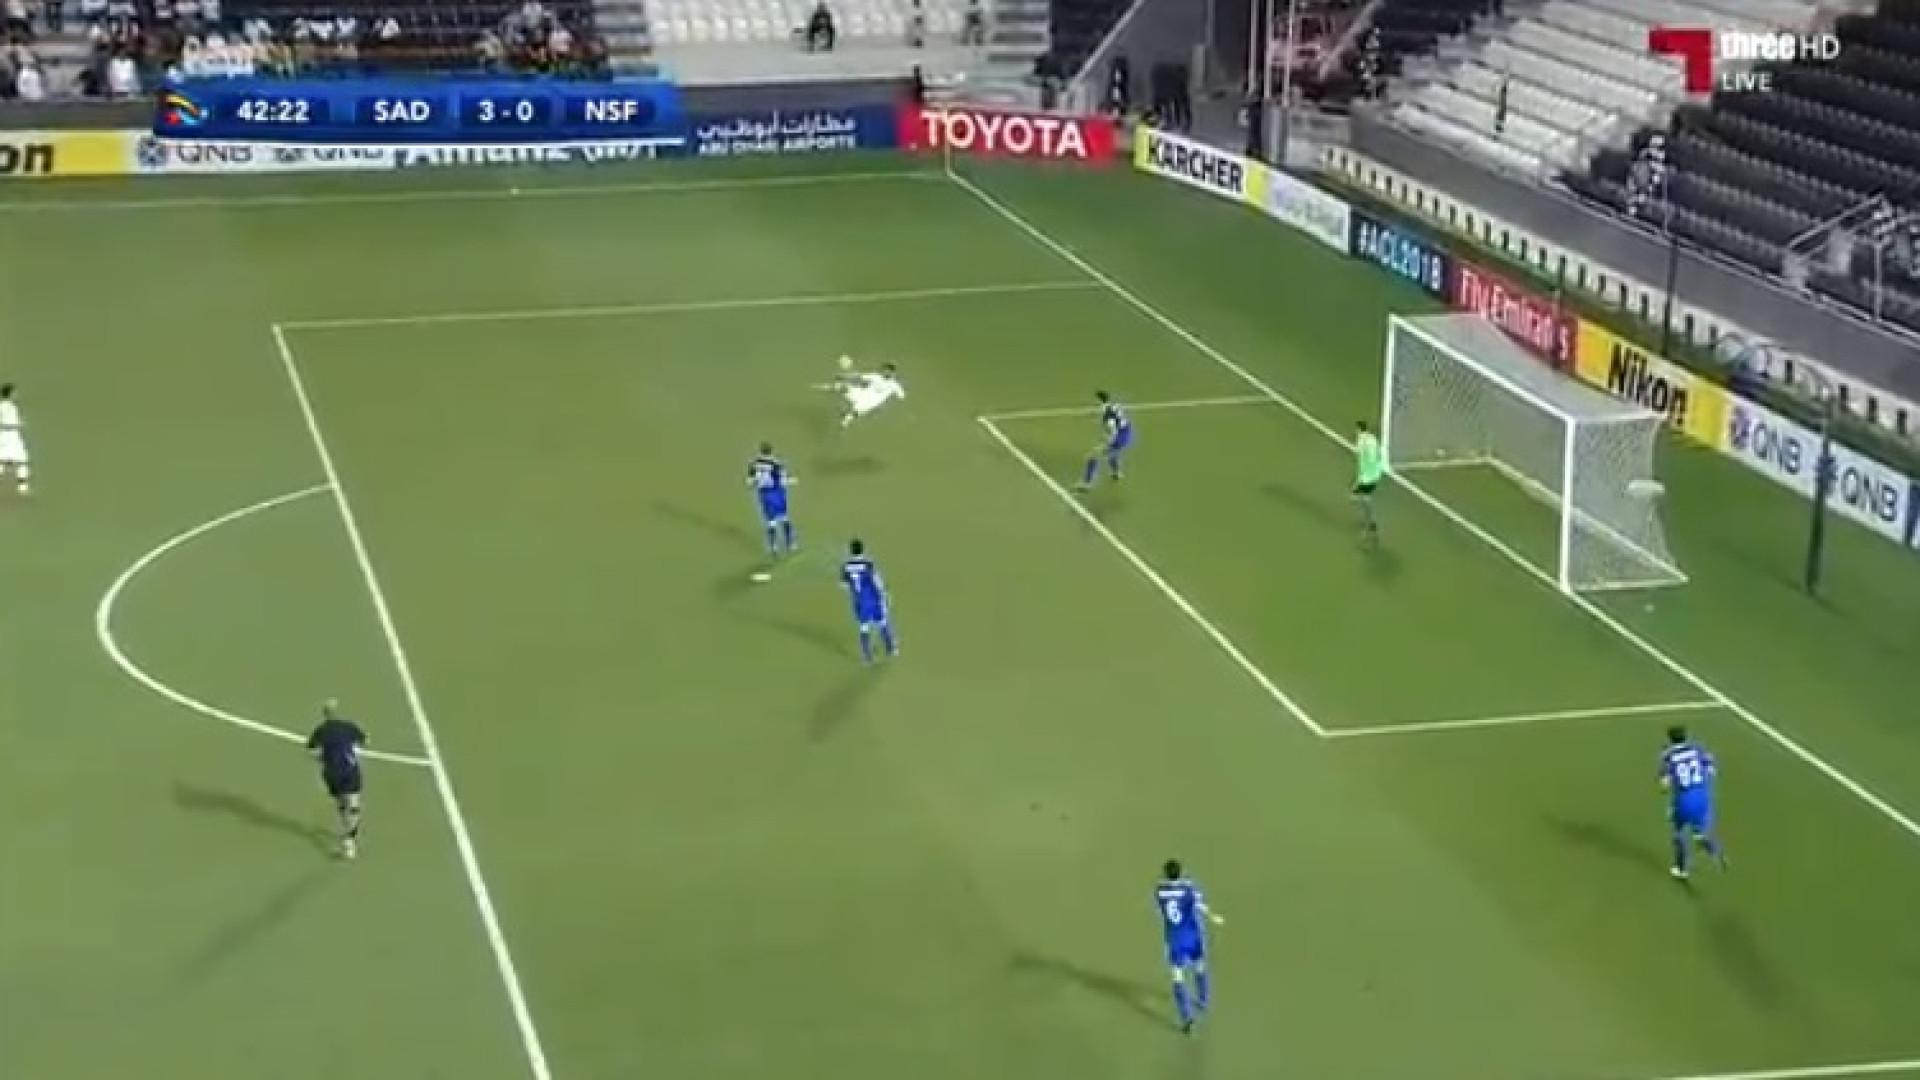 Equipa de Jesualdo Ferreira de volta às vitórias com golo monumental